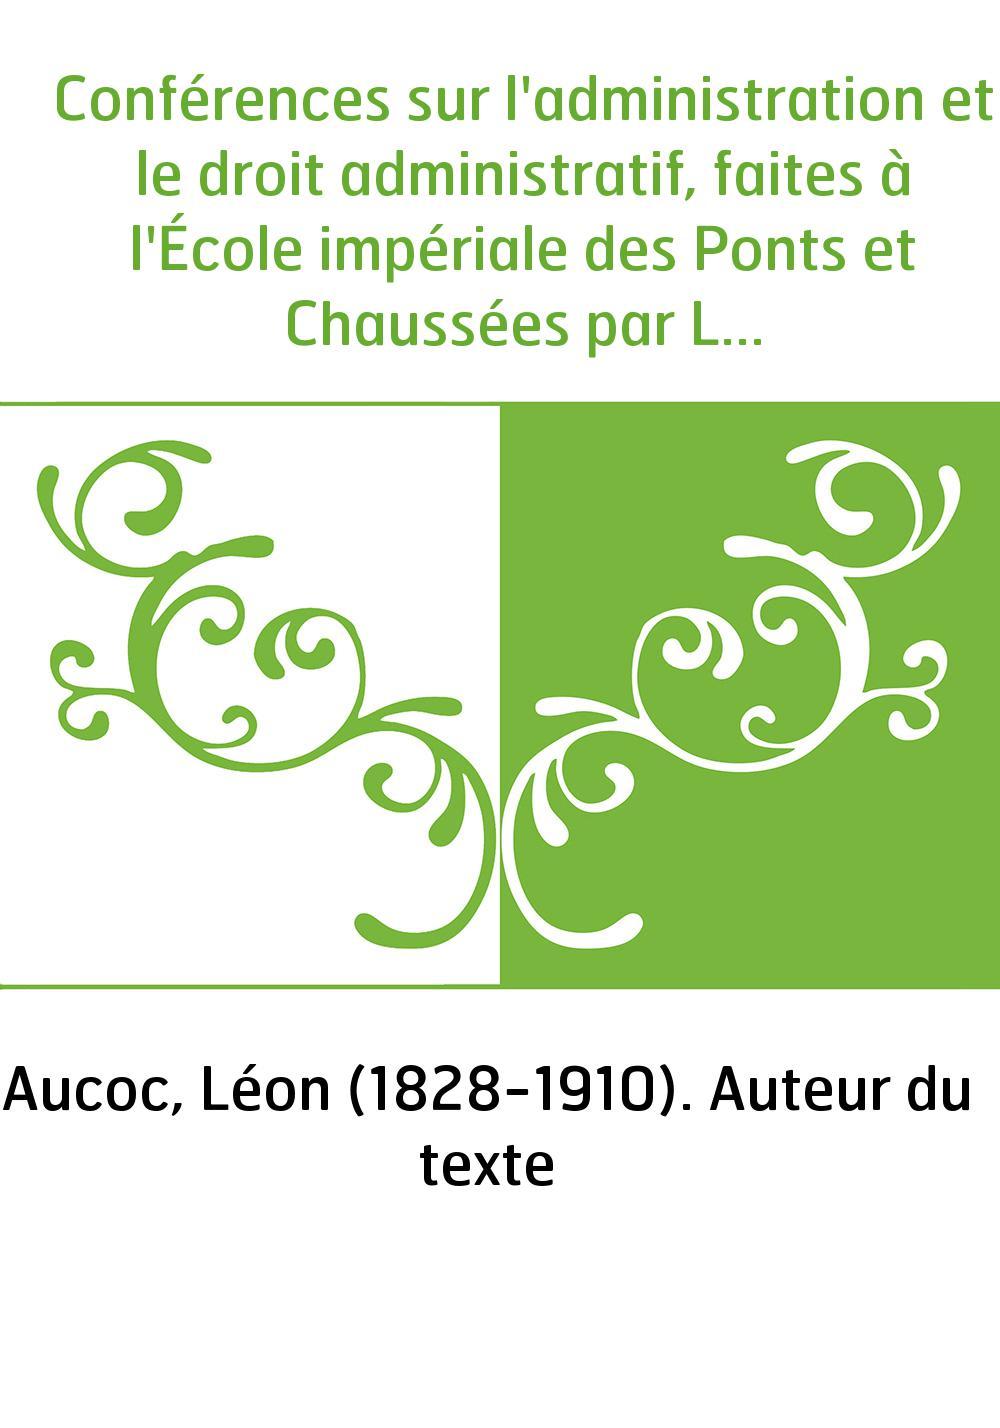 Conférences sur l'administration et le droit administratif, faites à l'École impériale des Ponts et Chaussées par Léon Aucoc,...